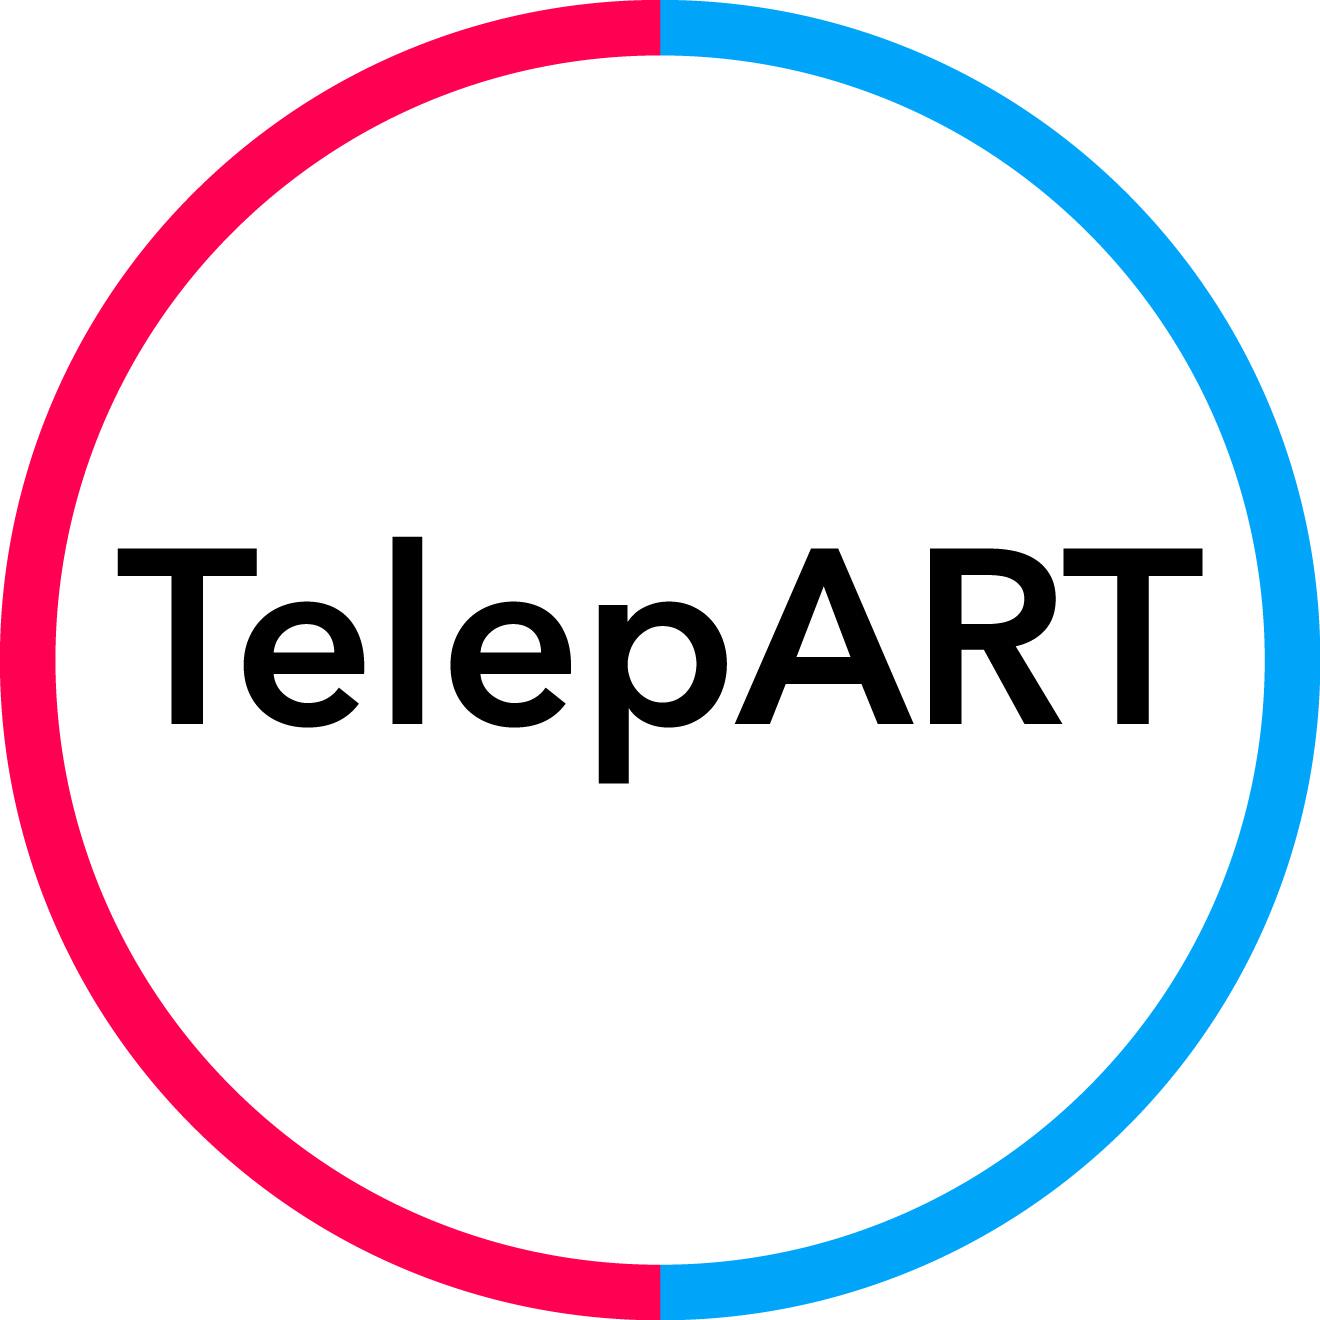 telepart.jpg